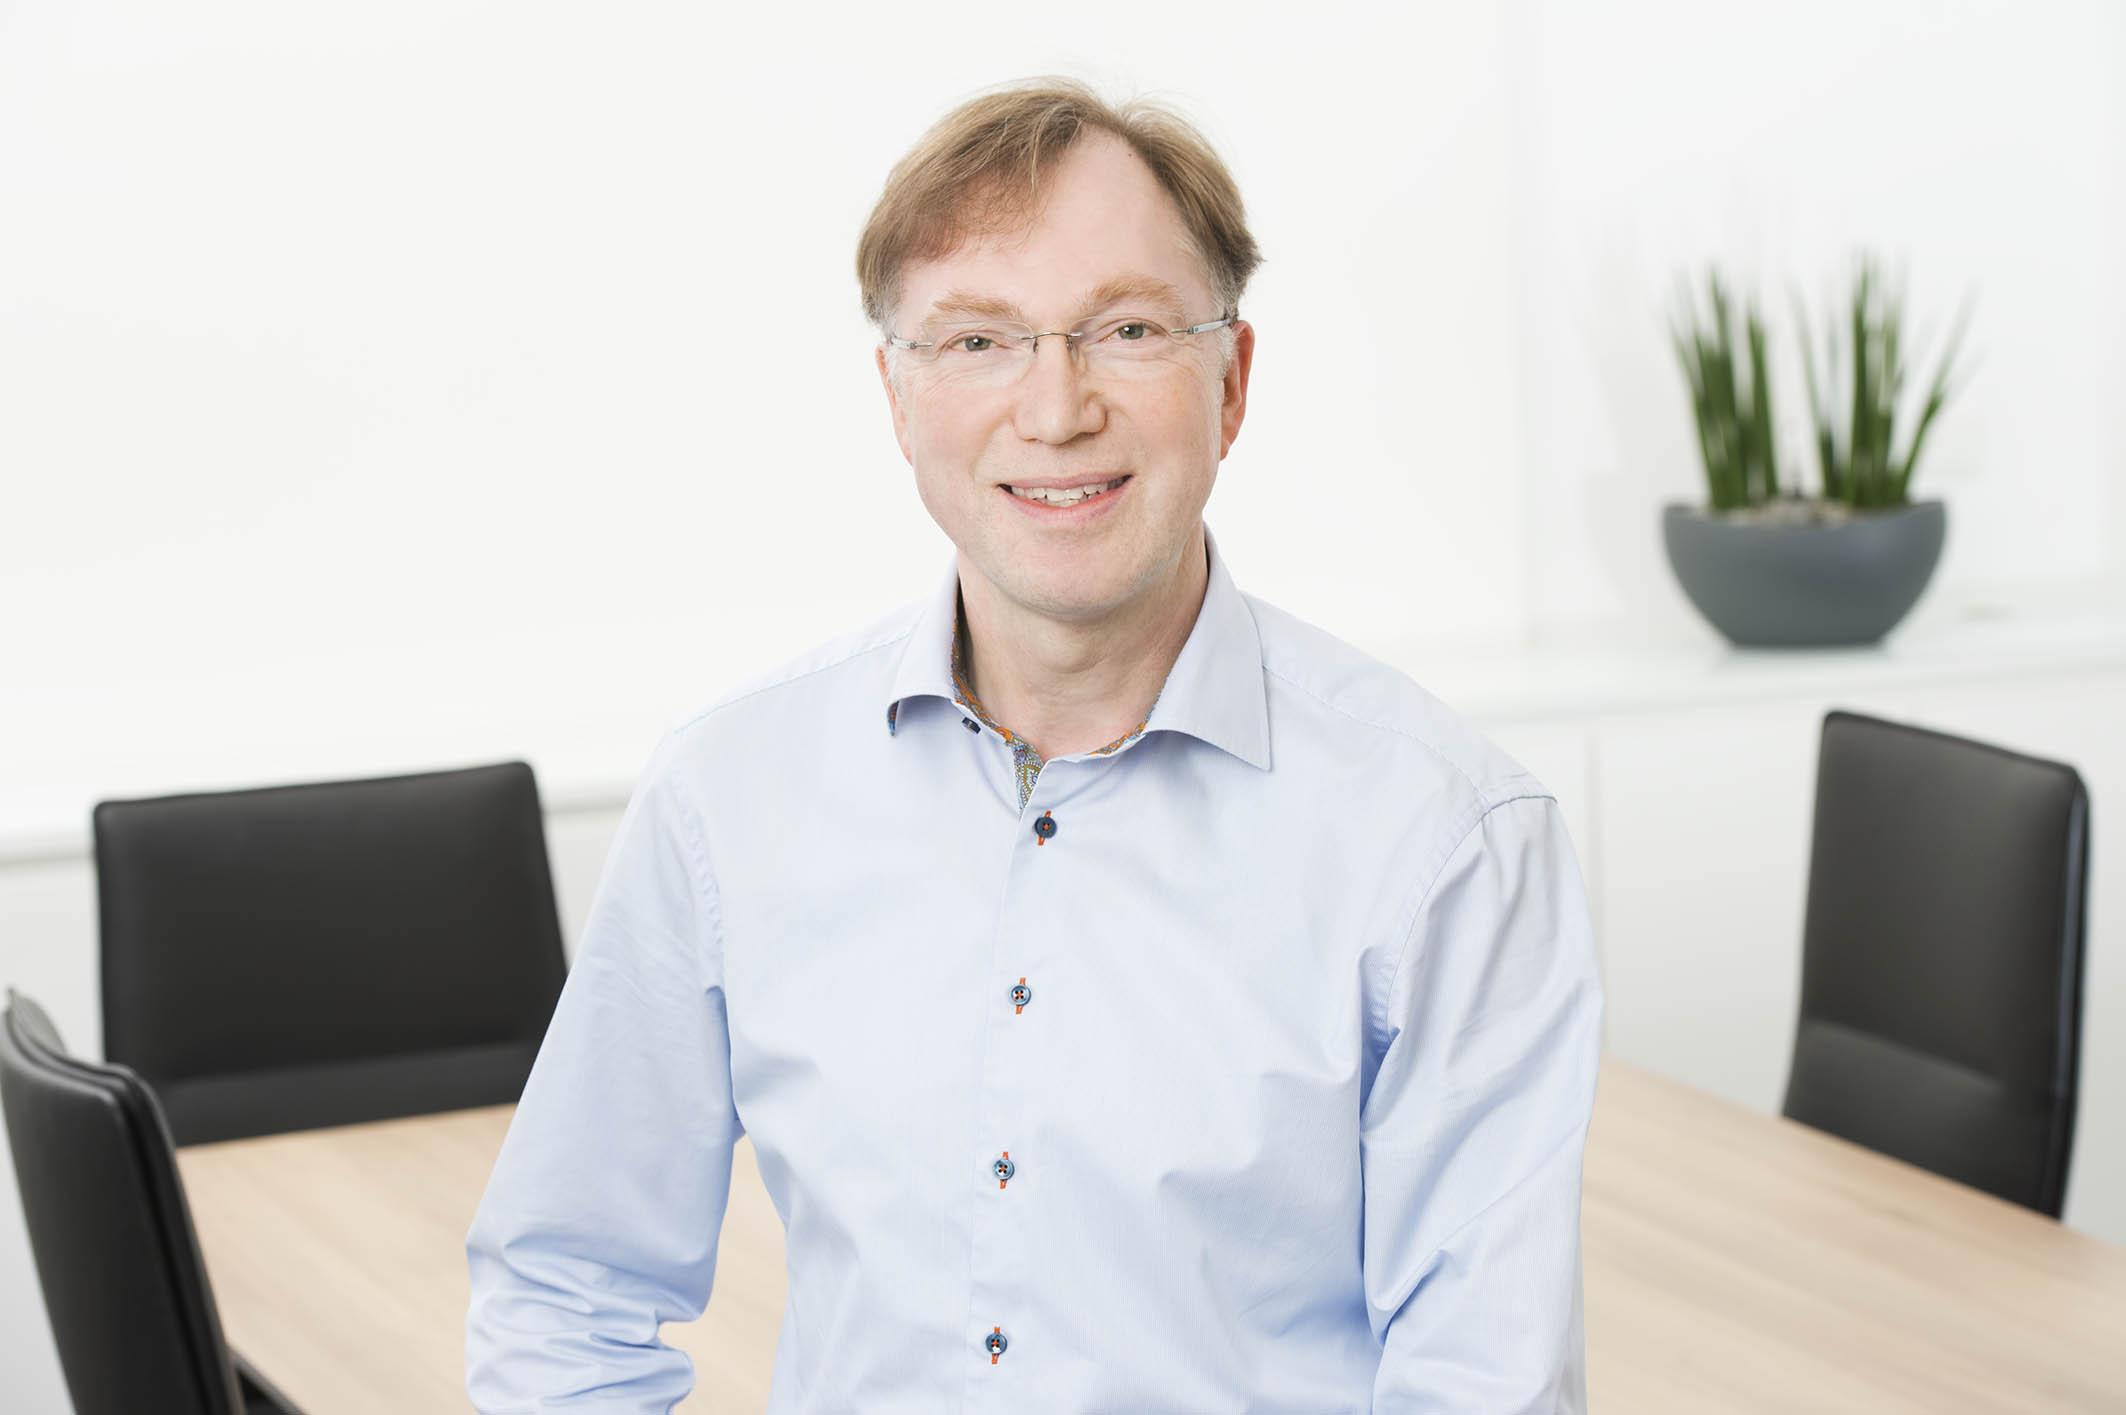 Herr_Schlautmann_001